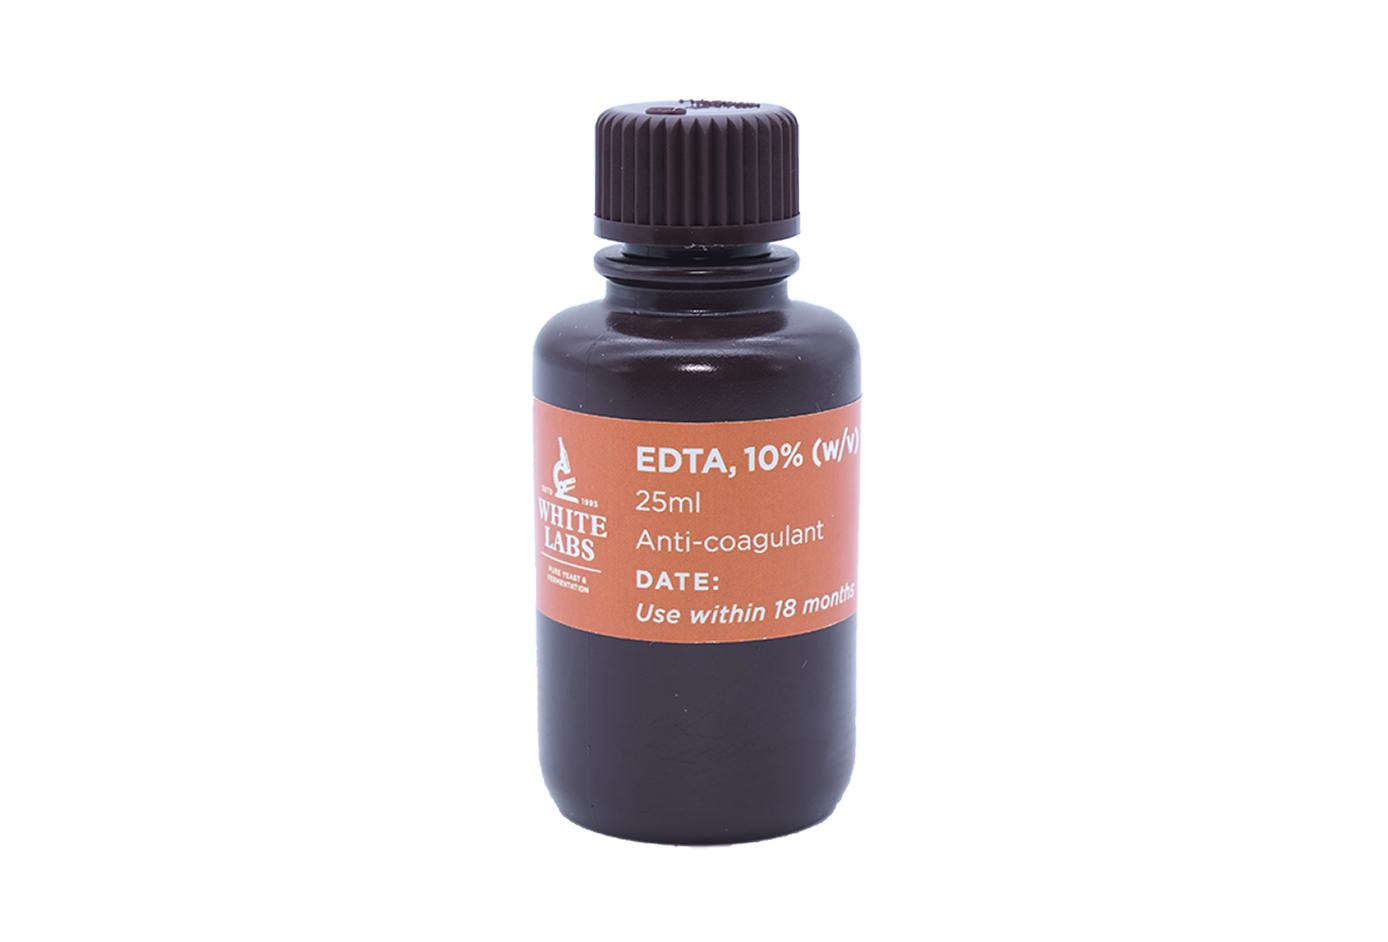 EDTA, 10% (w/v) 25mL